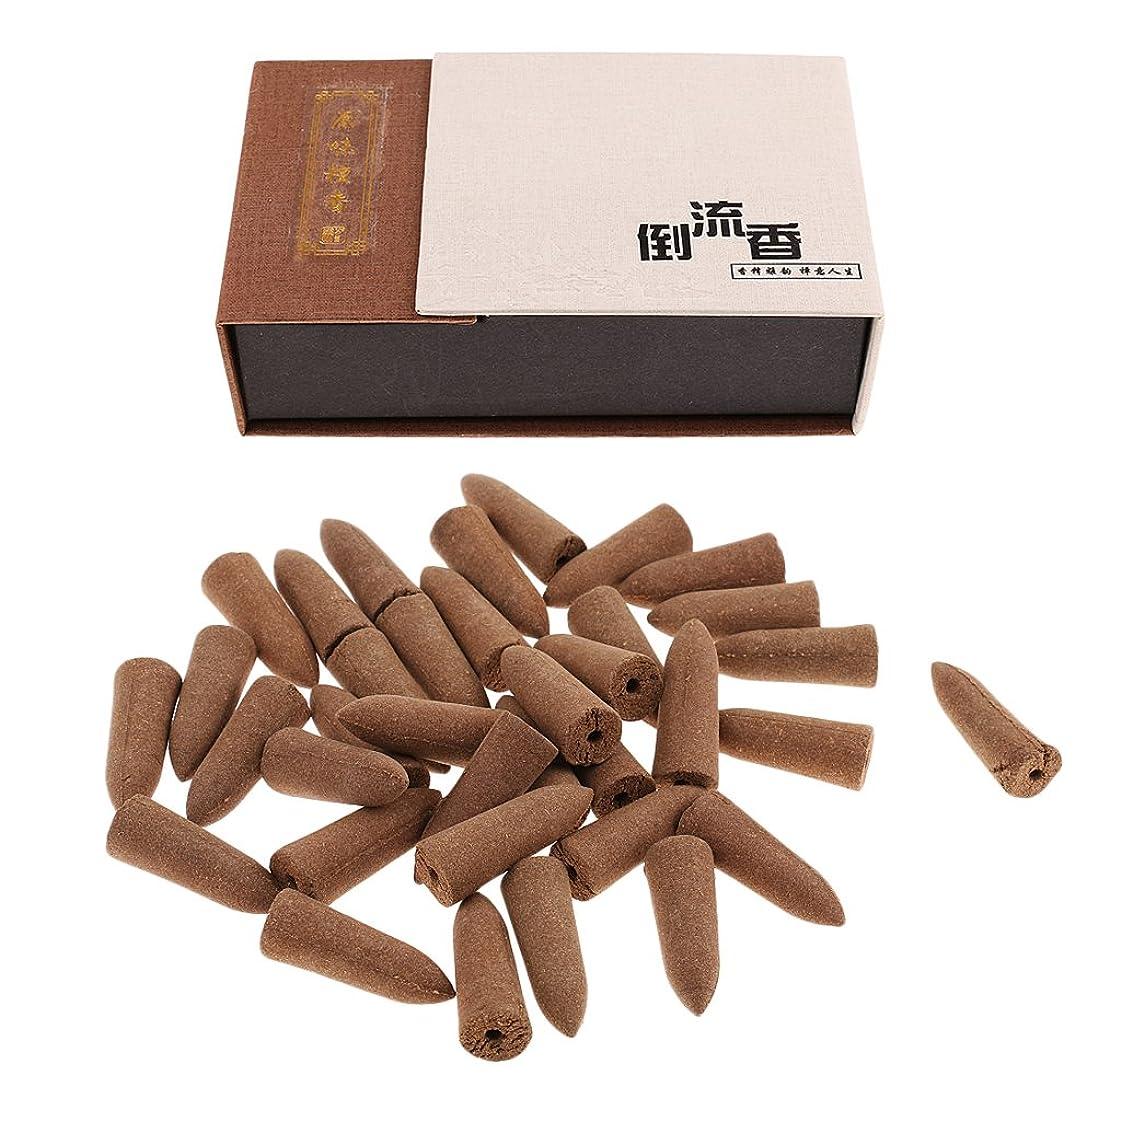 溶ける増強する事前にSunniMix お香 逆流香 コーン 20分間 36個セット 4種選択  仏壇 香炉  - アガーウッド